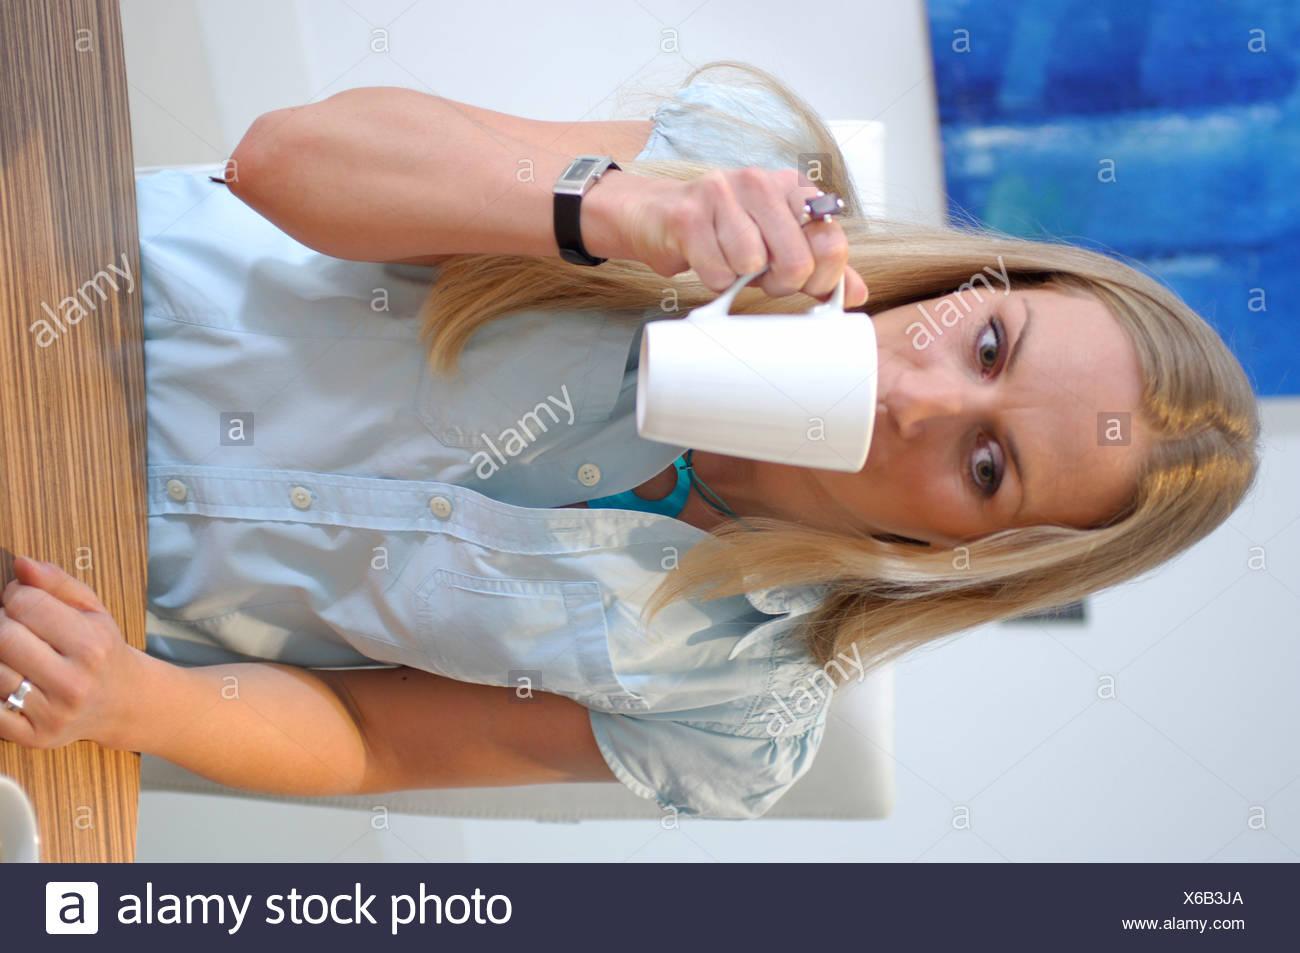 Take Break Coffeebreak : Businesswoman taking a coffee break in conference room stock photo